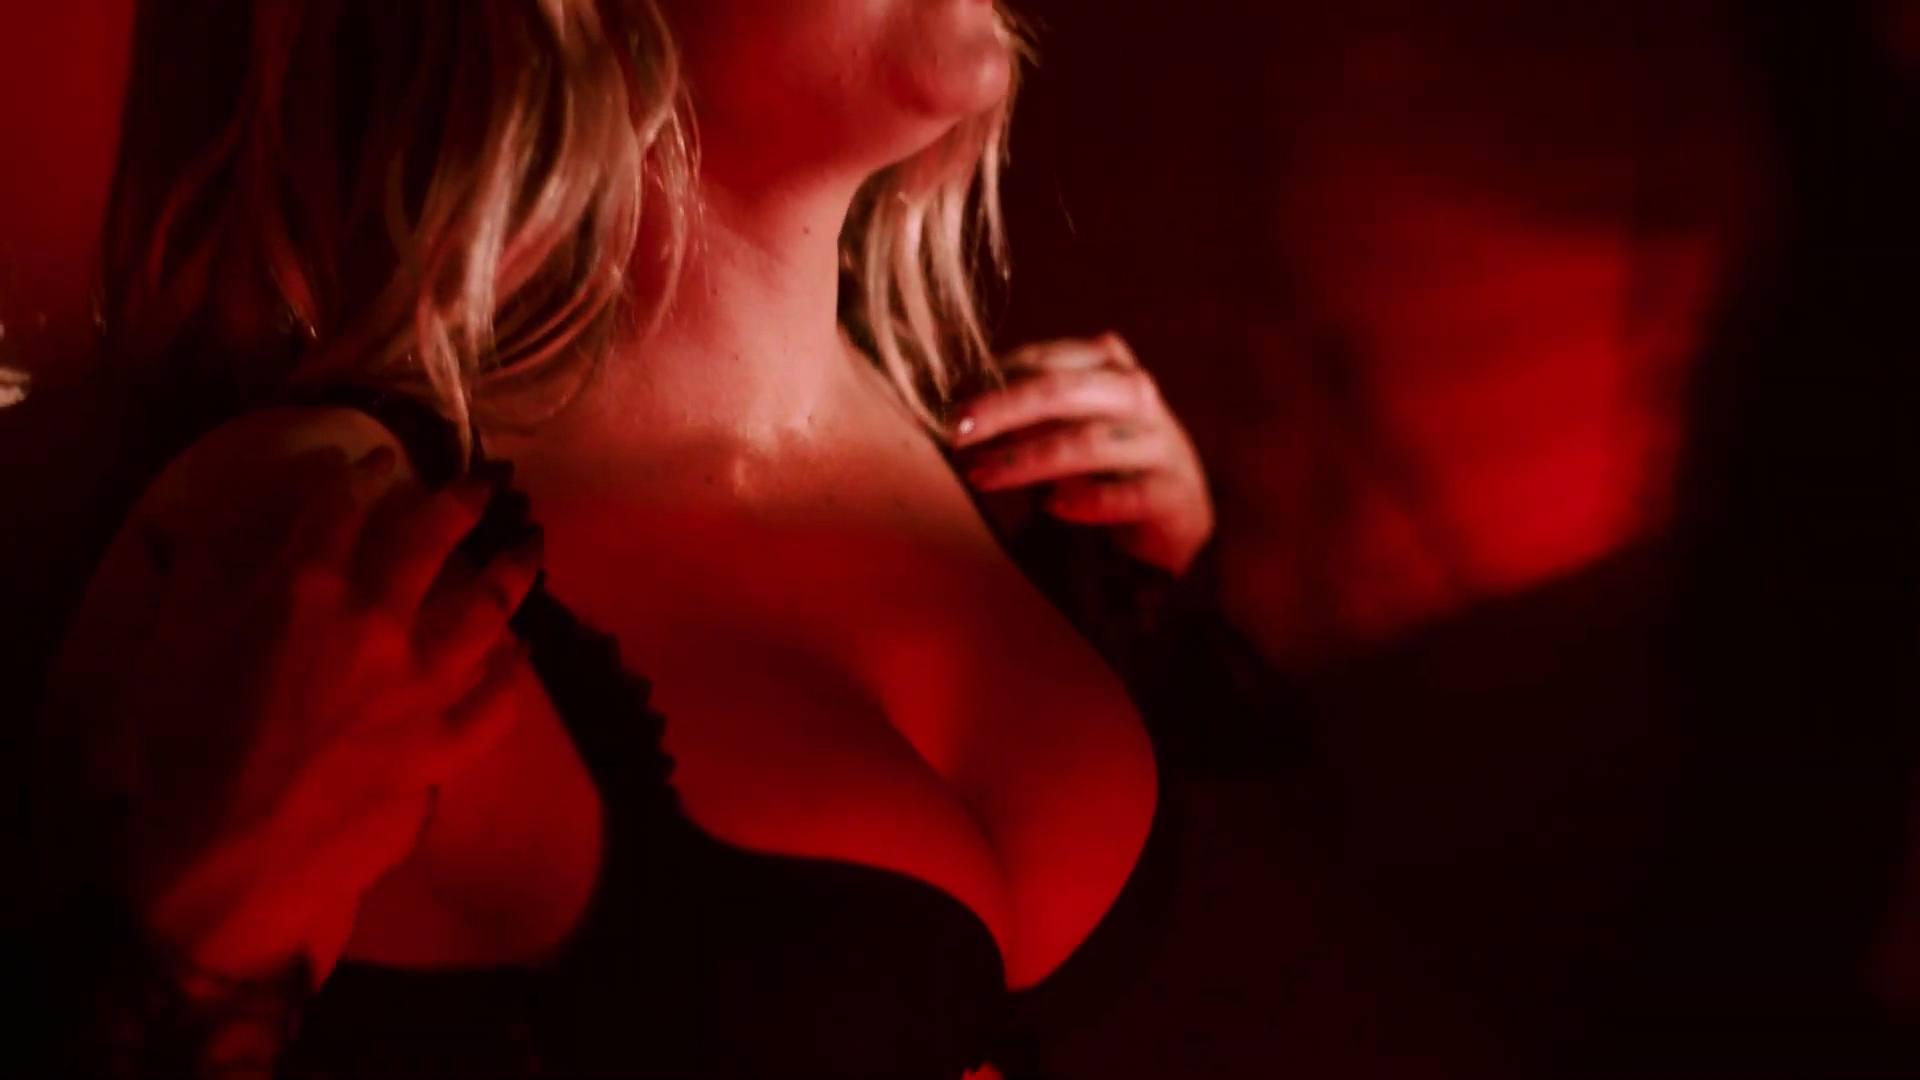 Jojo Sexy In Lingerie